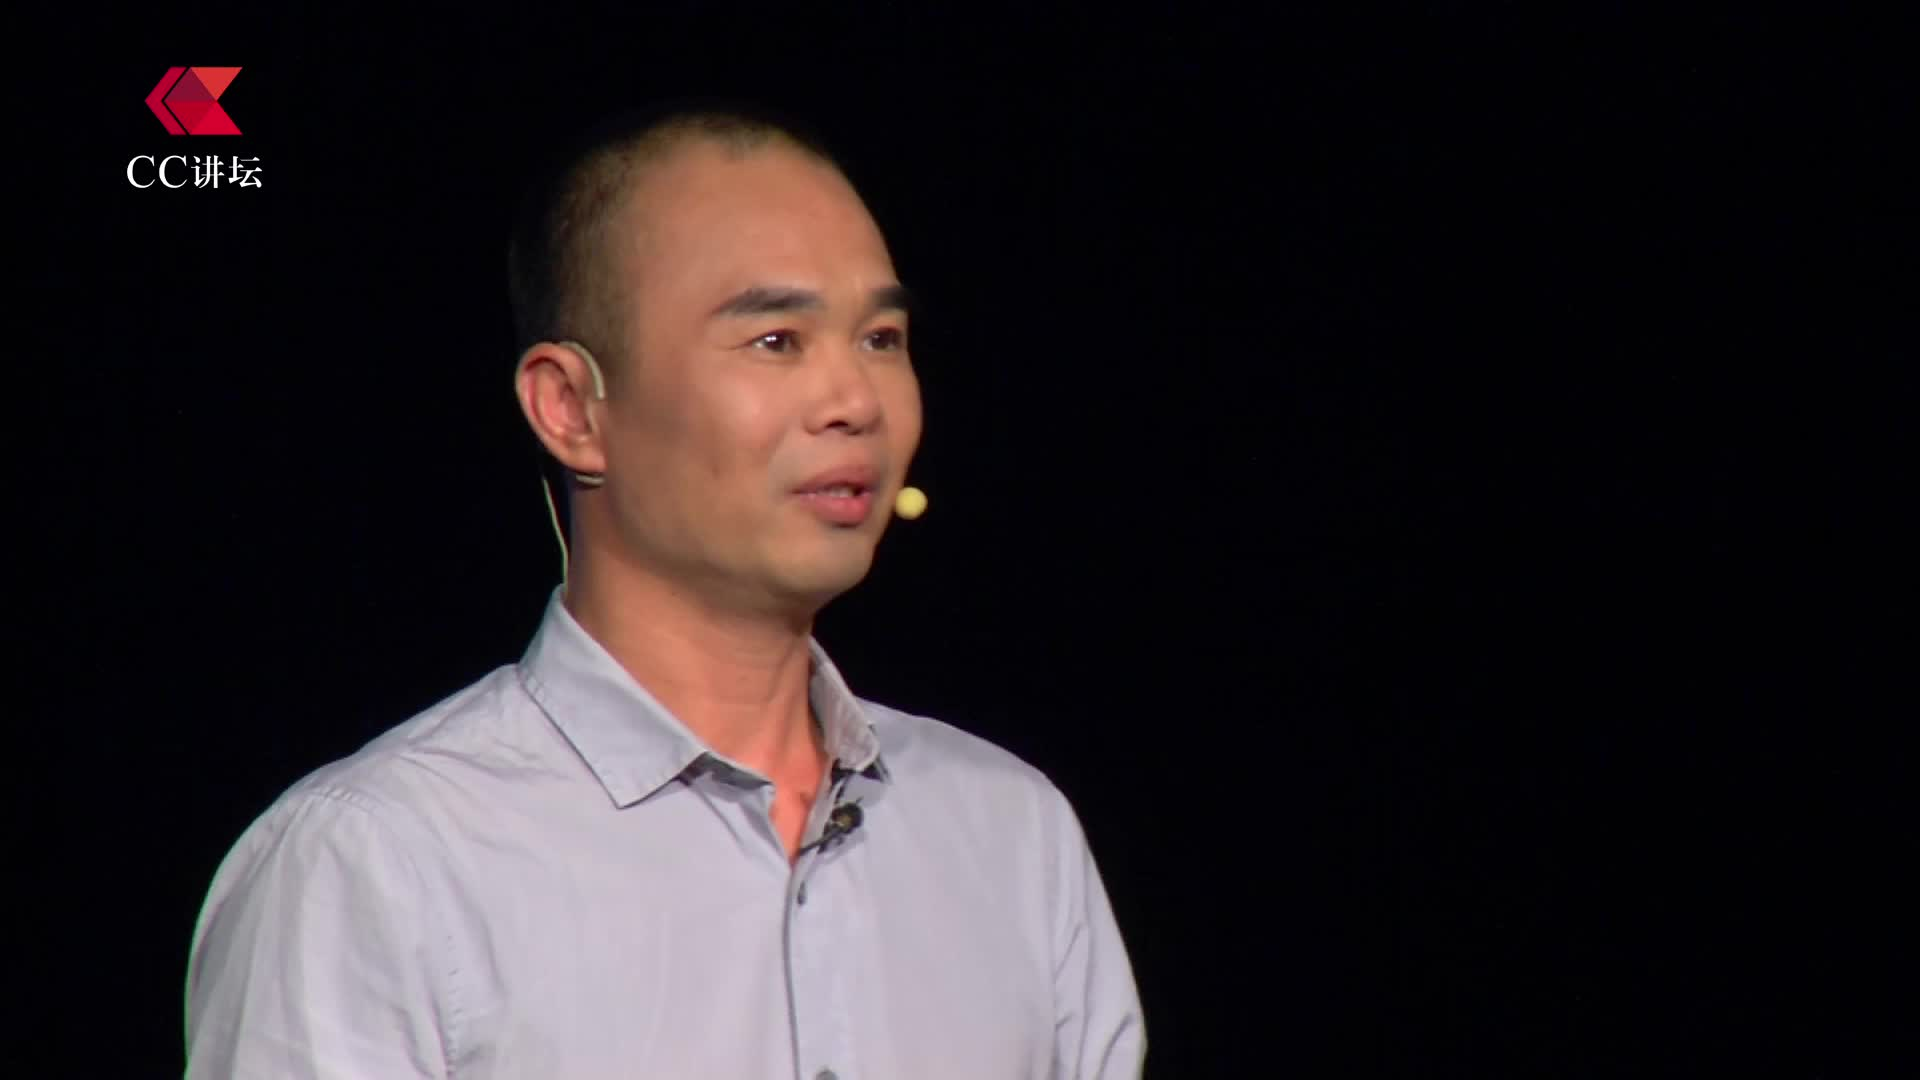 CC讲坛——林敏明:如何打破犯罪的恶性循环